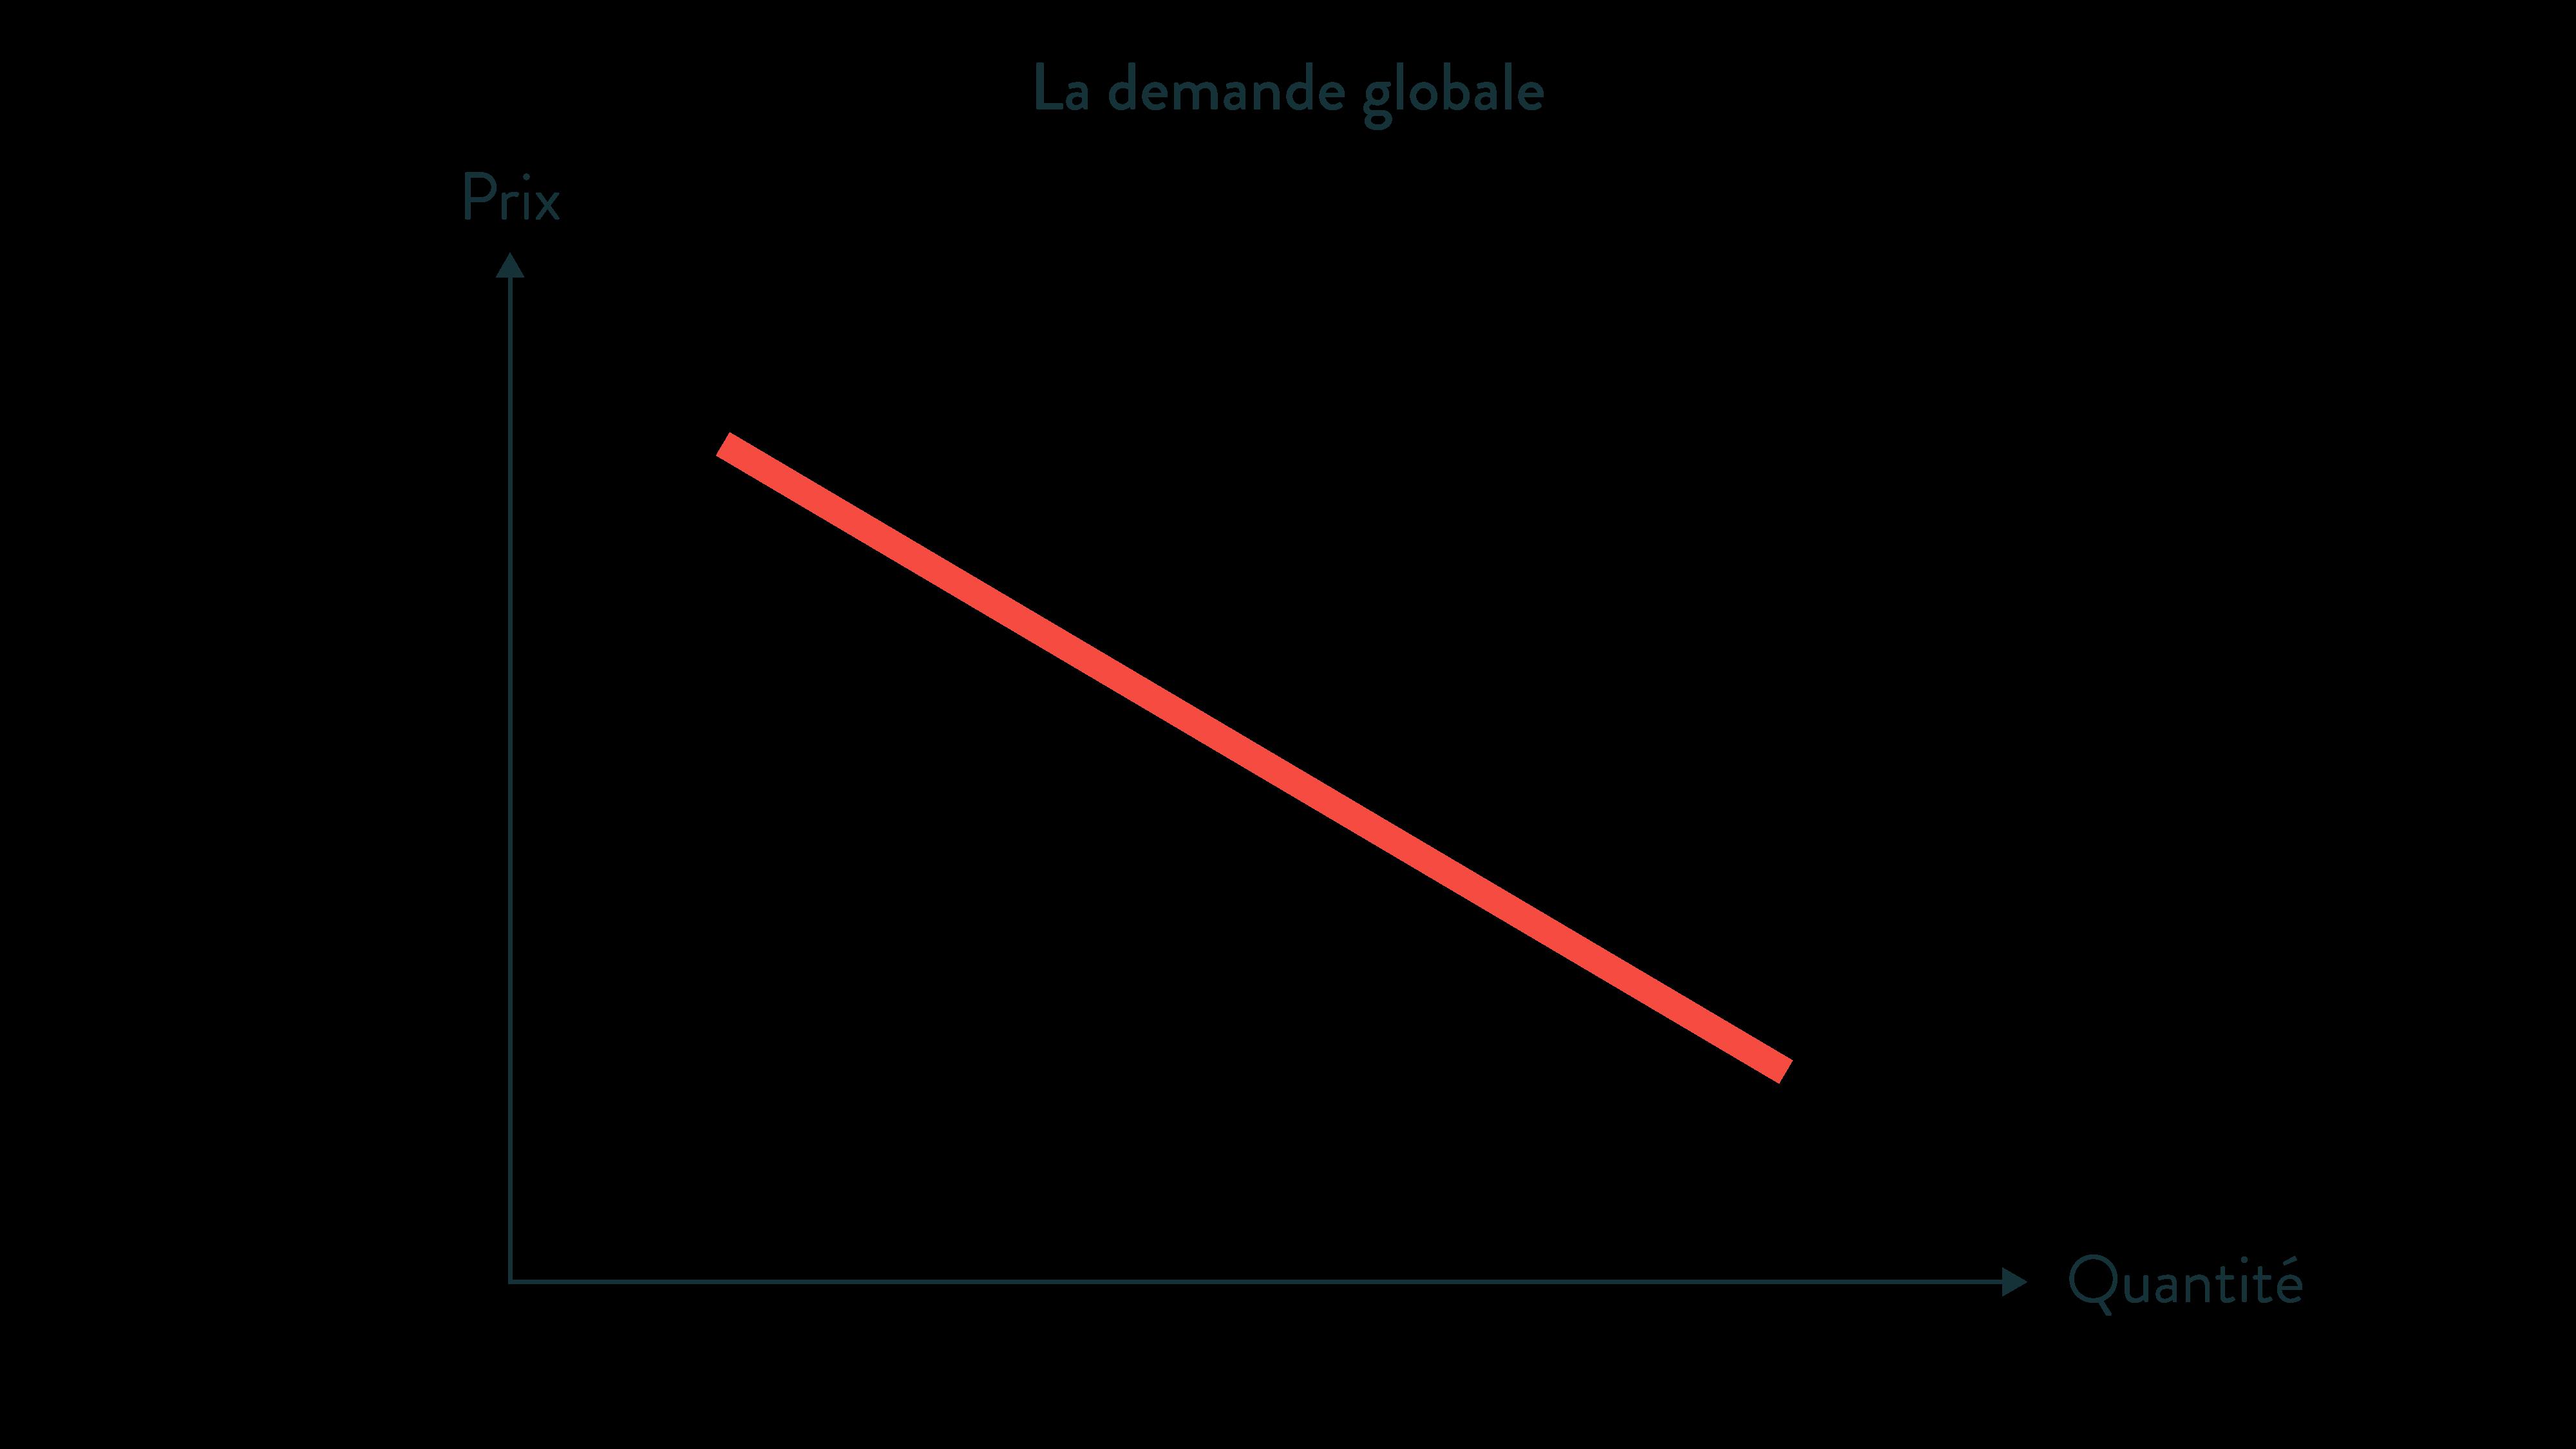 ses première la demande globale prix quantité